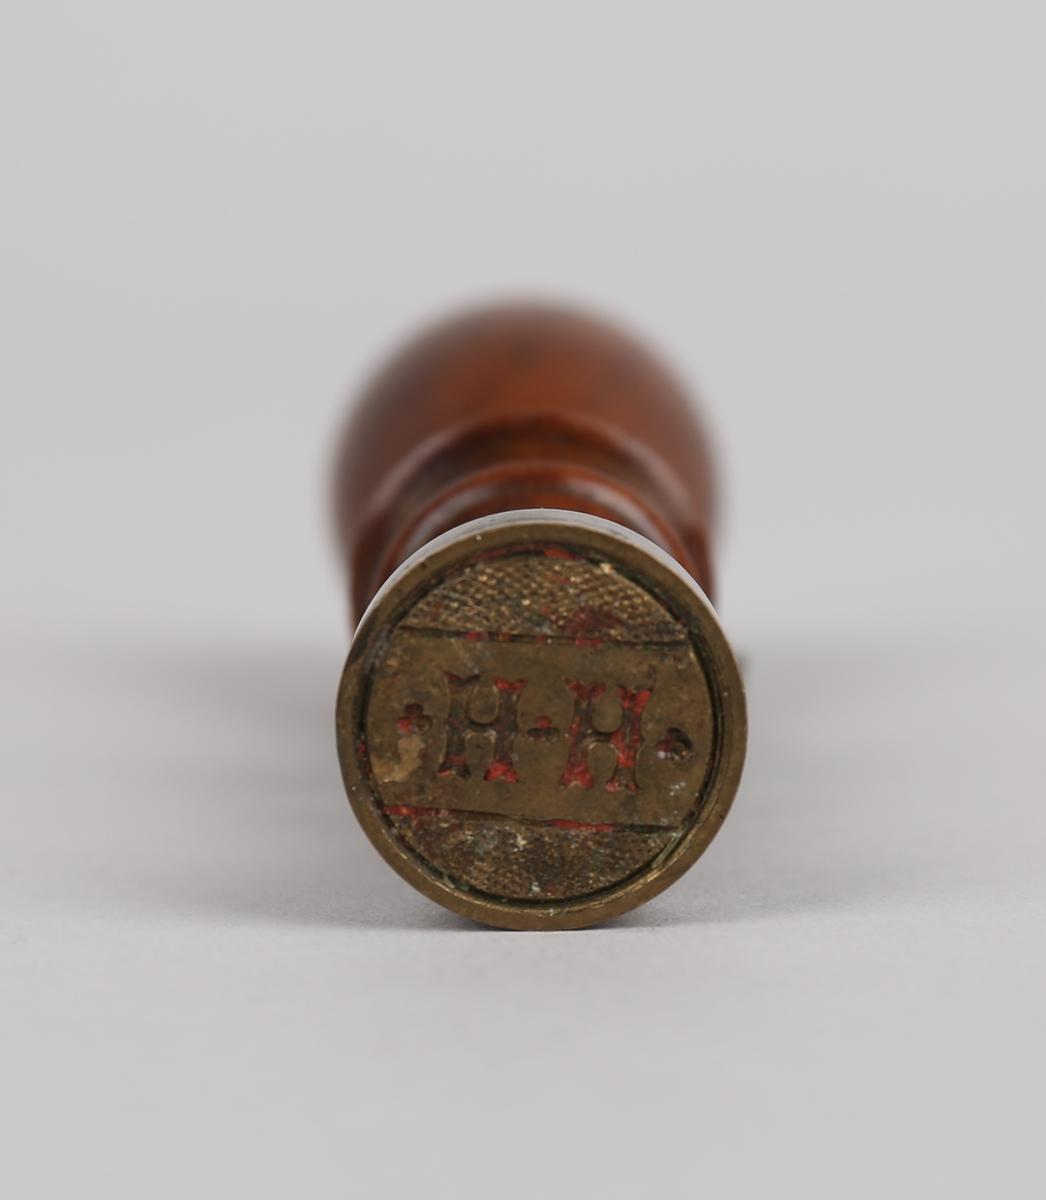 Lakksignet med håndtak i dreid og lakkert tre og stempeldel i metall. Rester av rød lakk i stempeldelen.